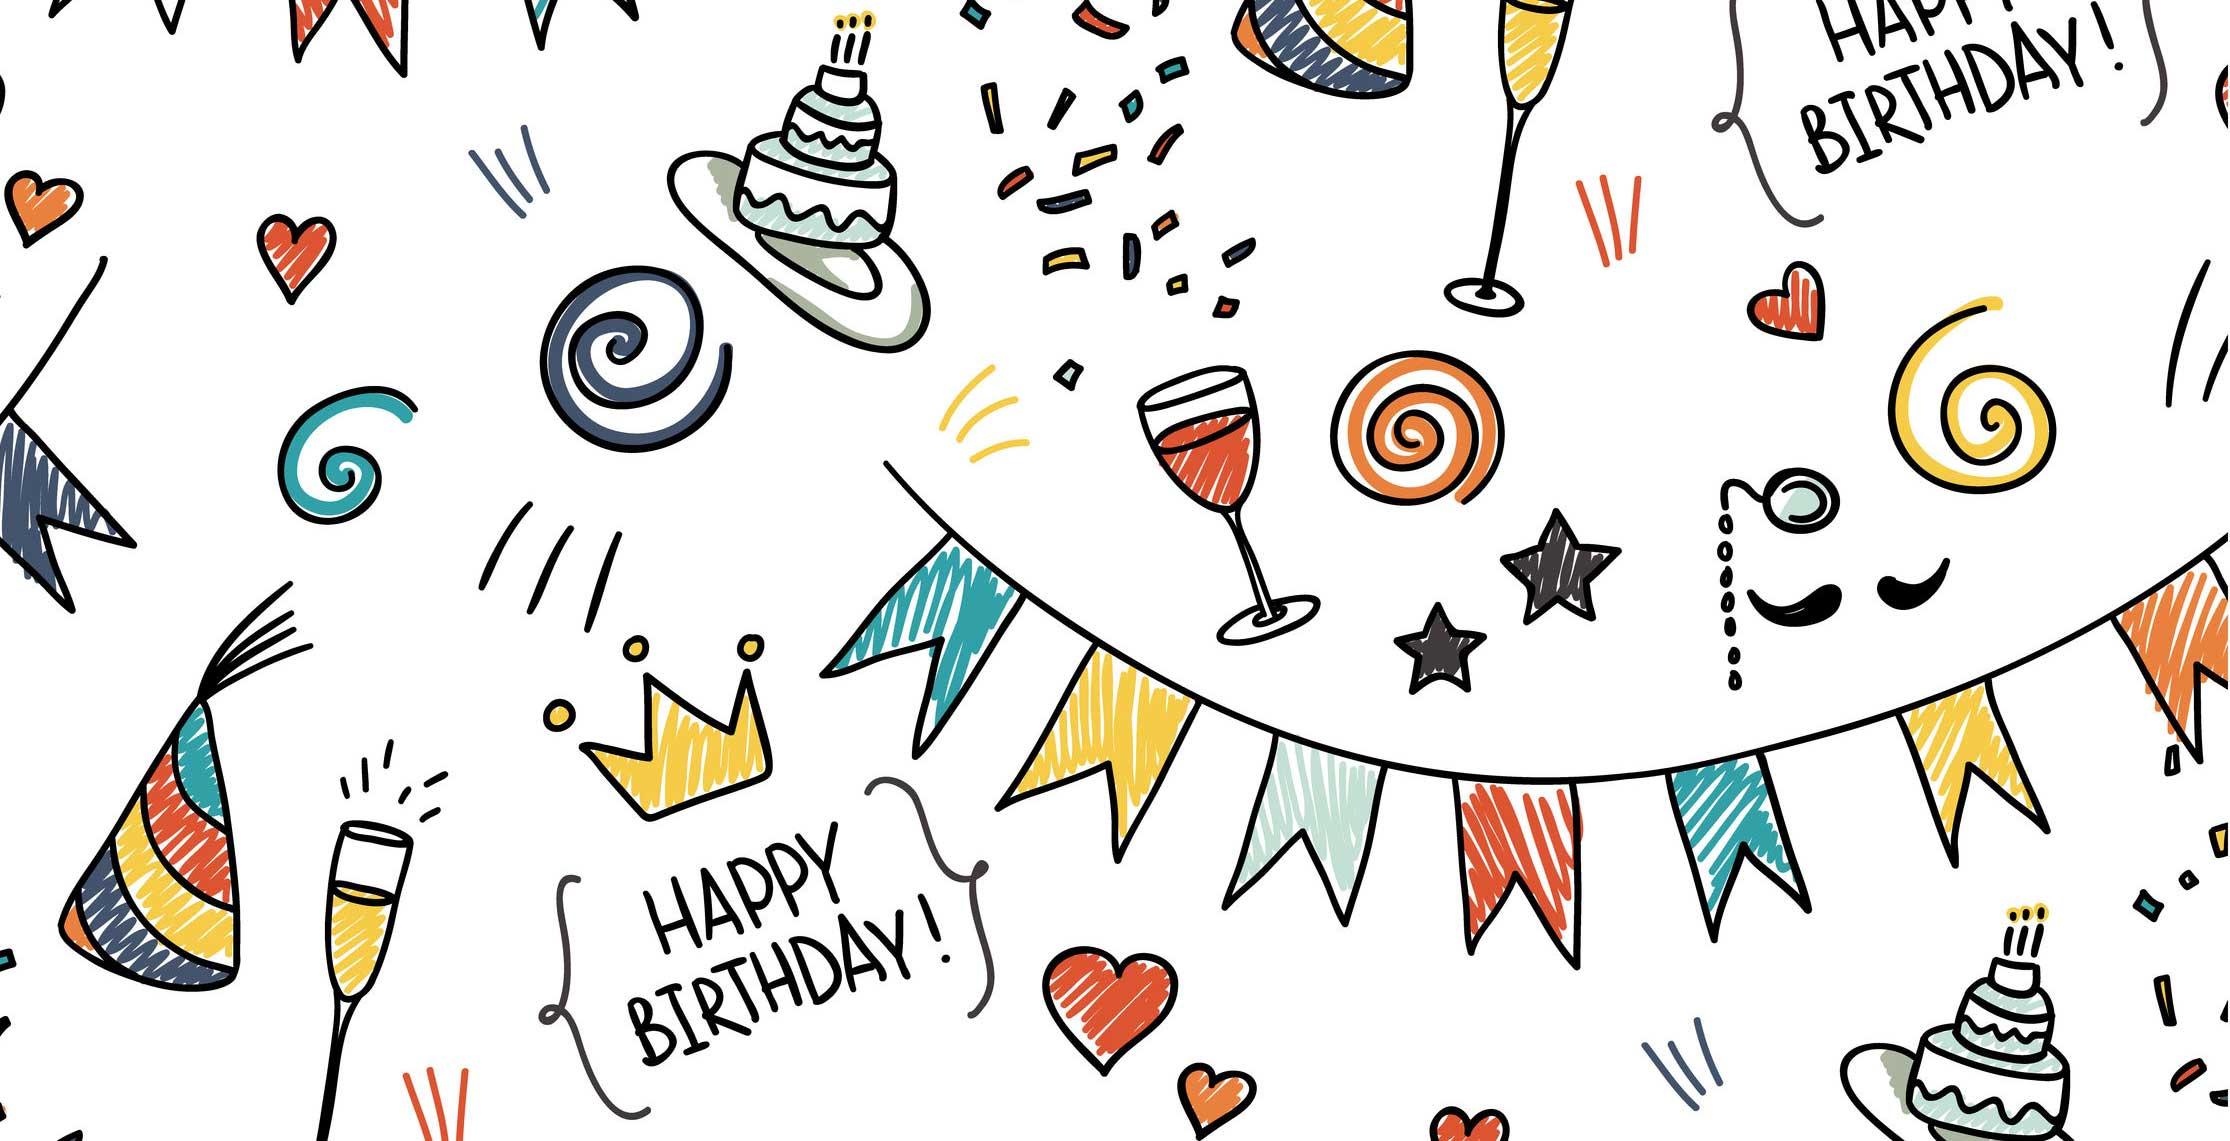 Открытки с днем рождения хипстерские, для саши мужчины